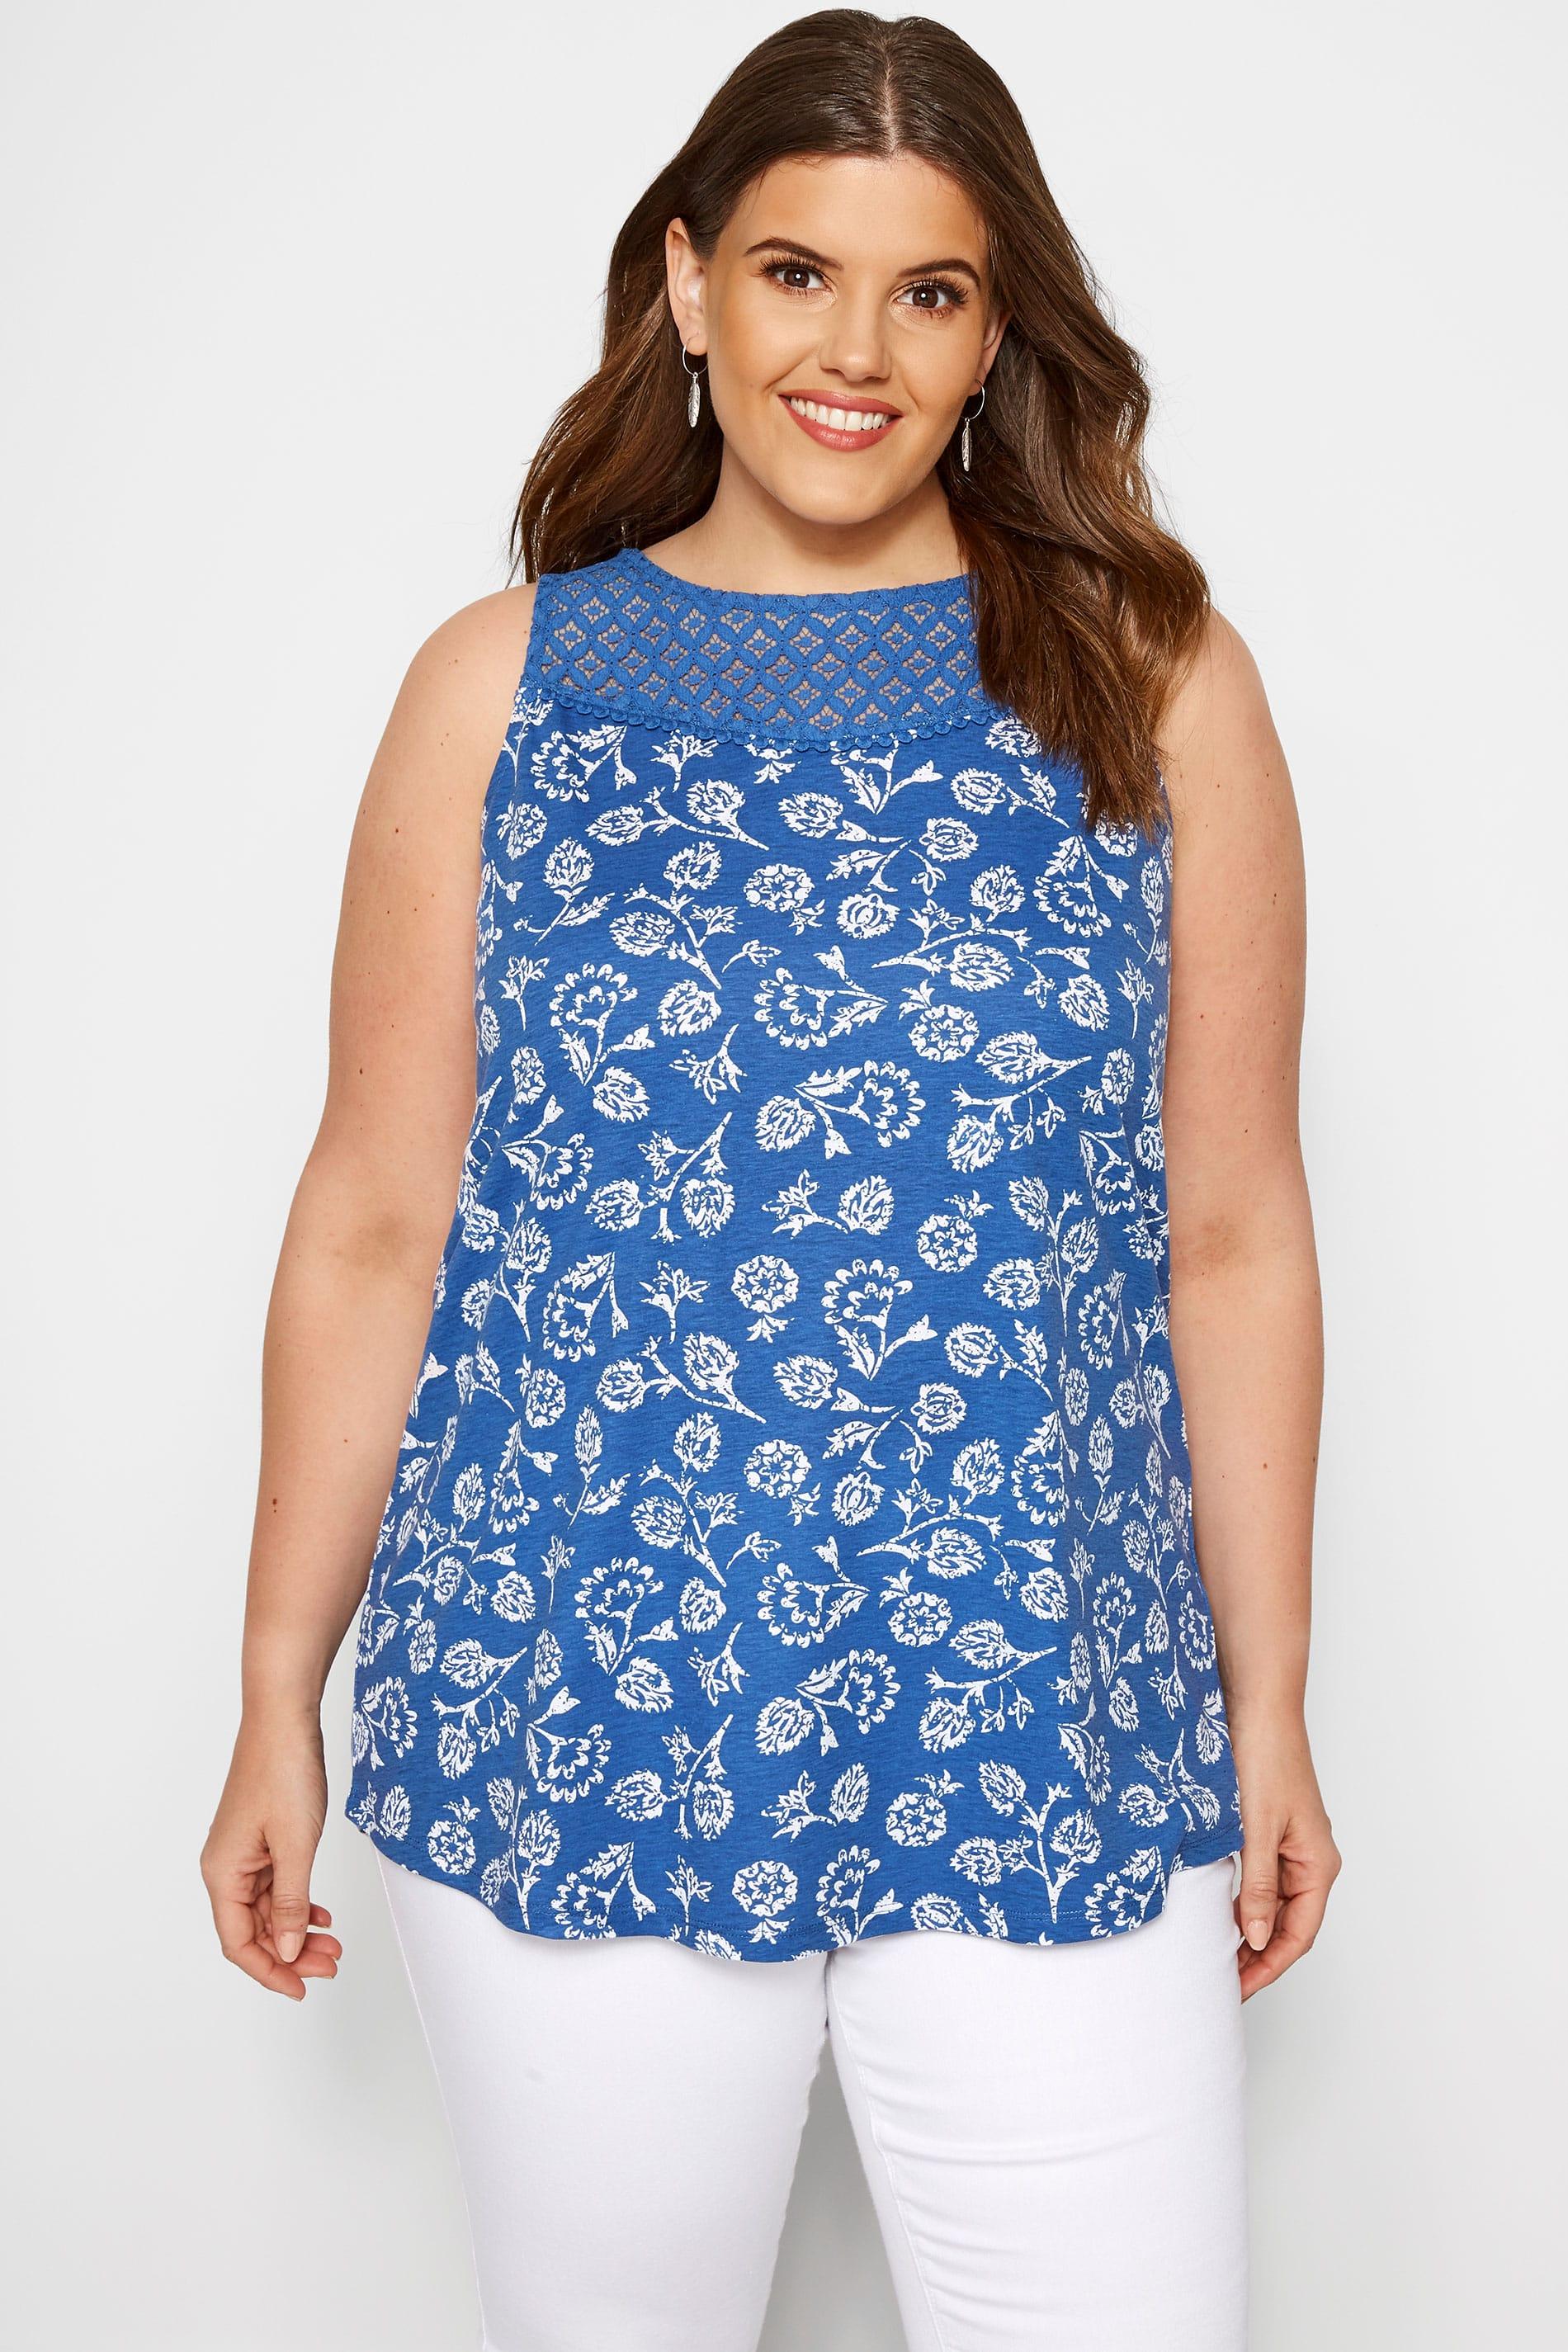 Blue Floral Crochet Vest Top